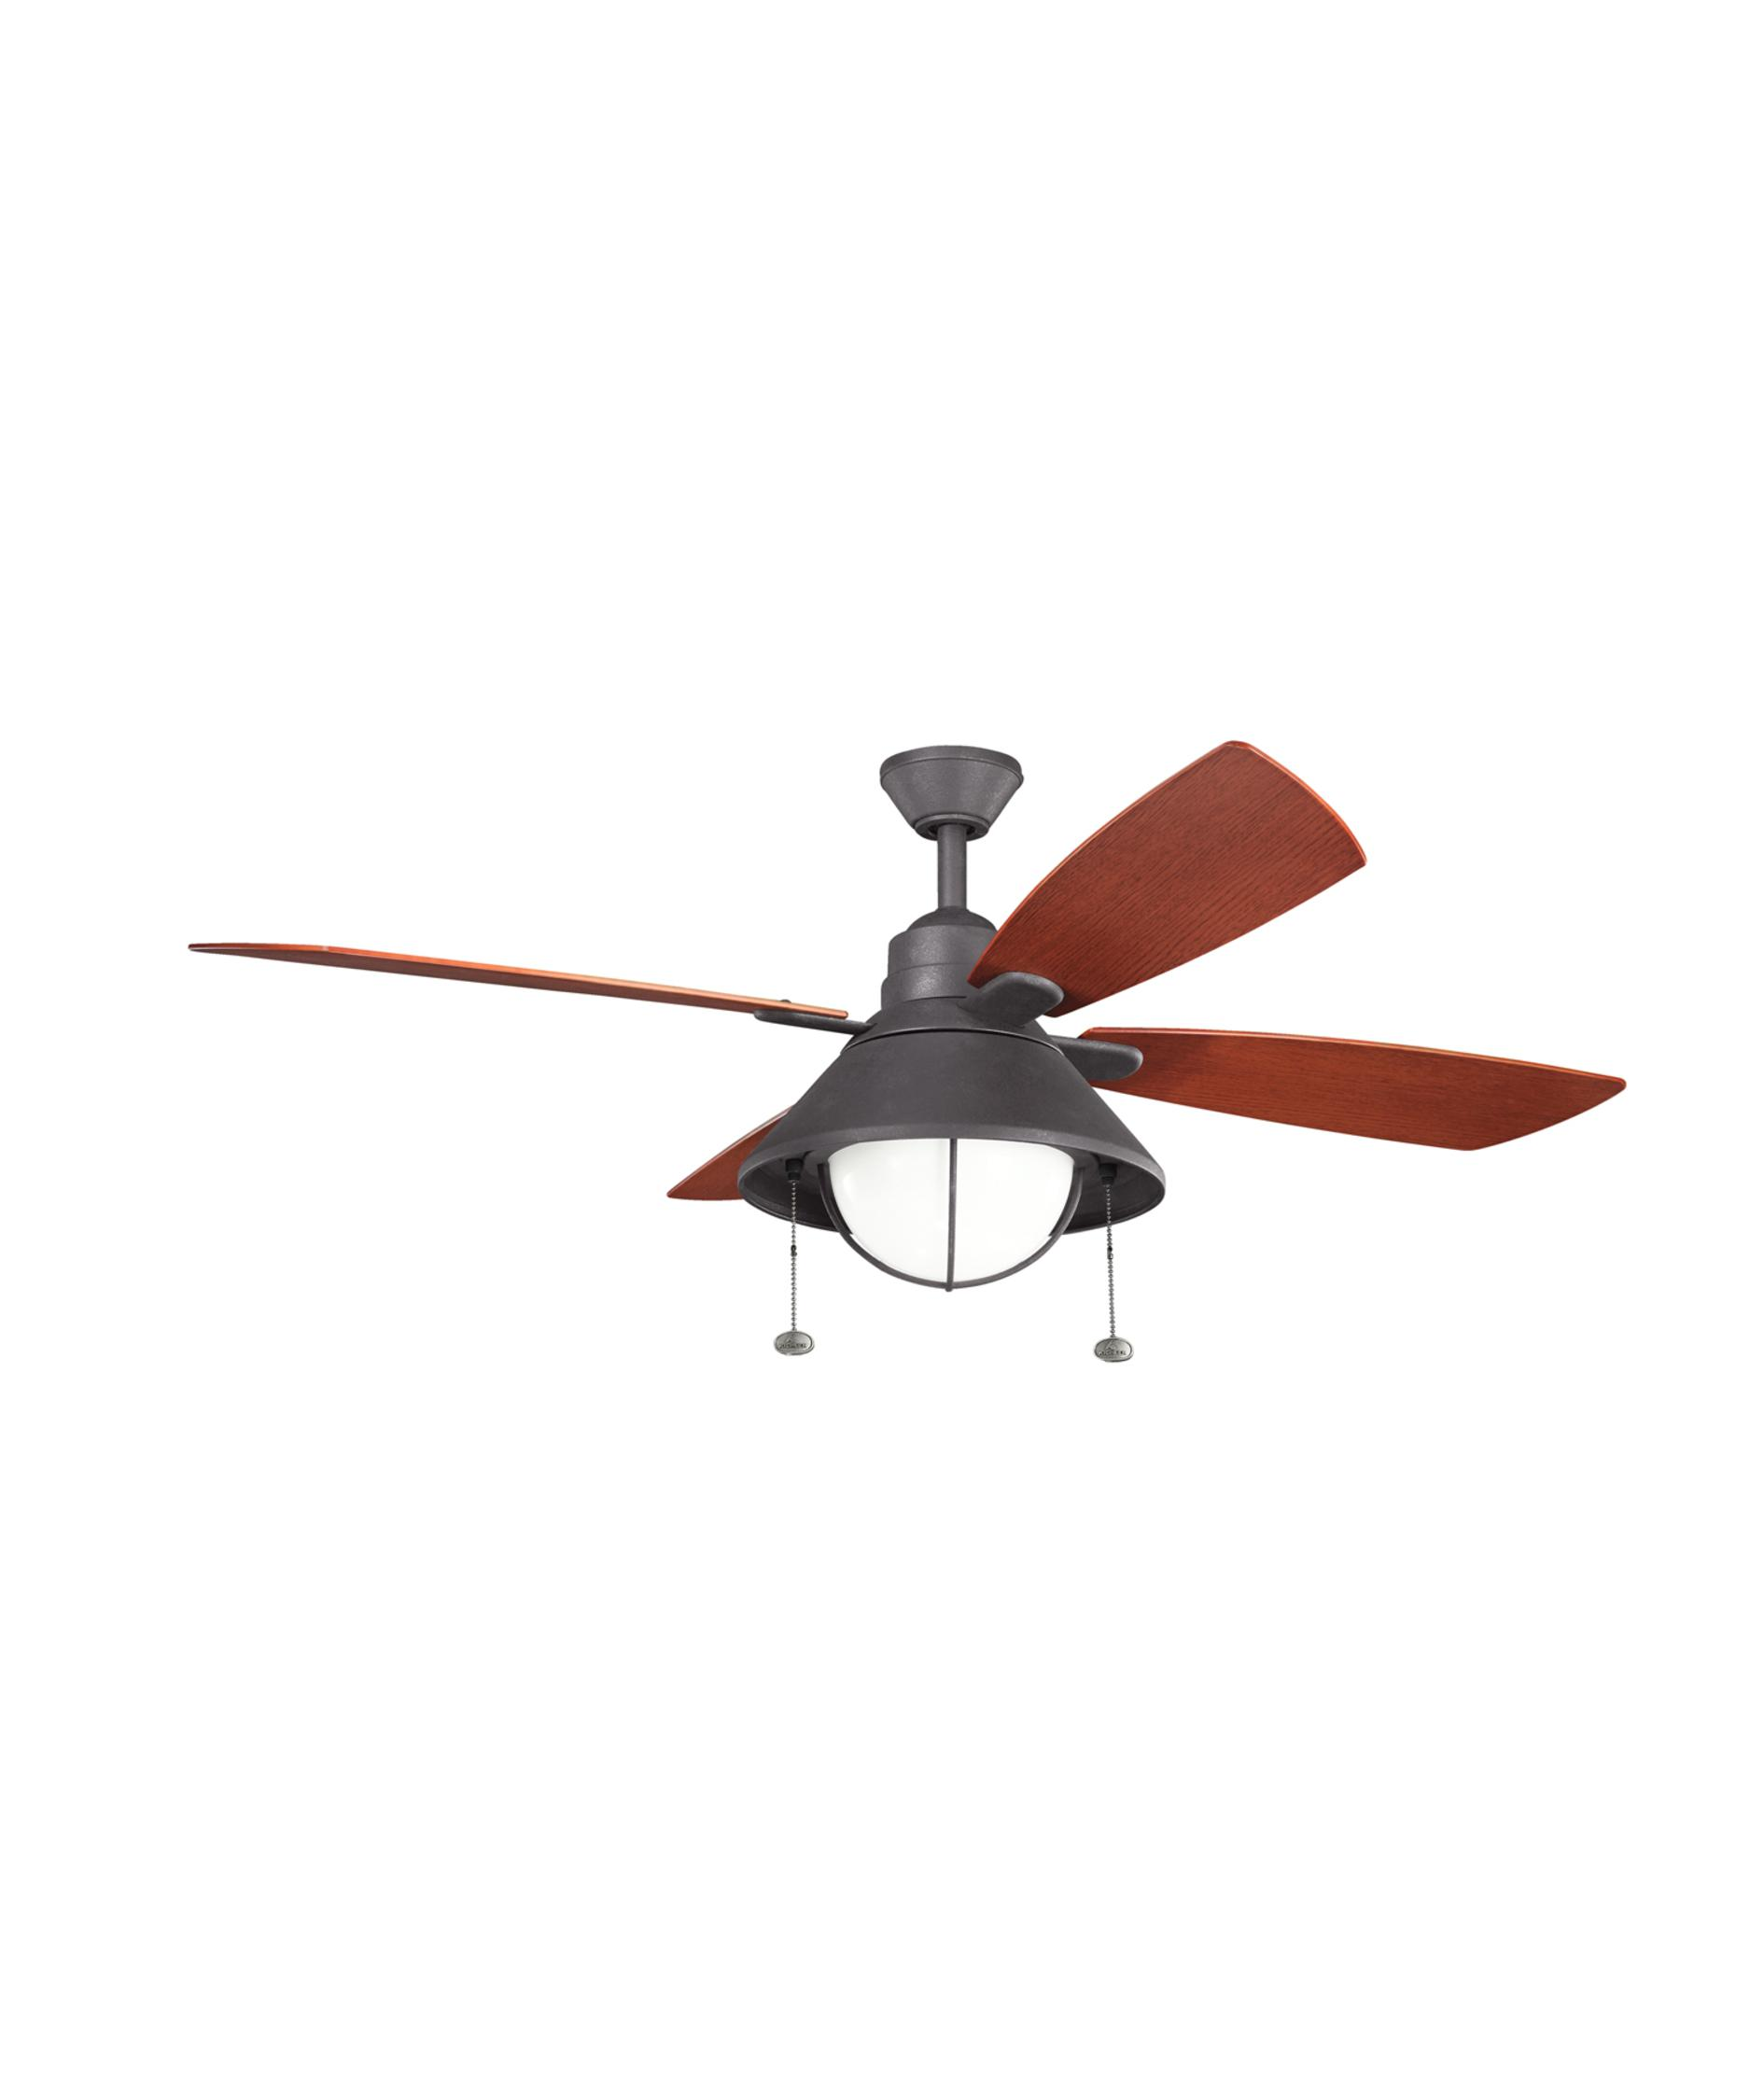 kichler seaside 54 inch 4 blade ceiling fan capitol lighting - Kichler Fans